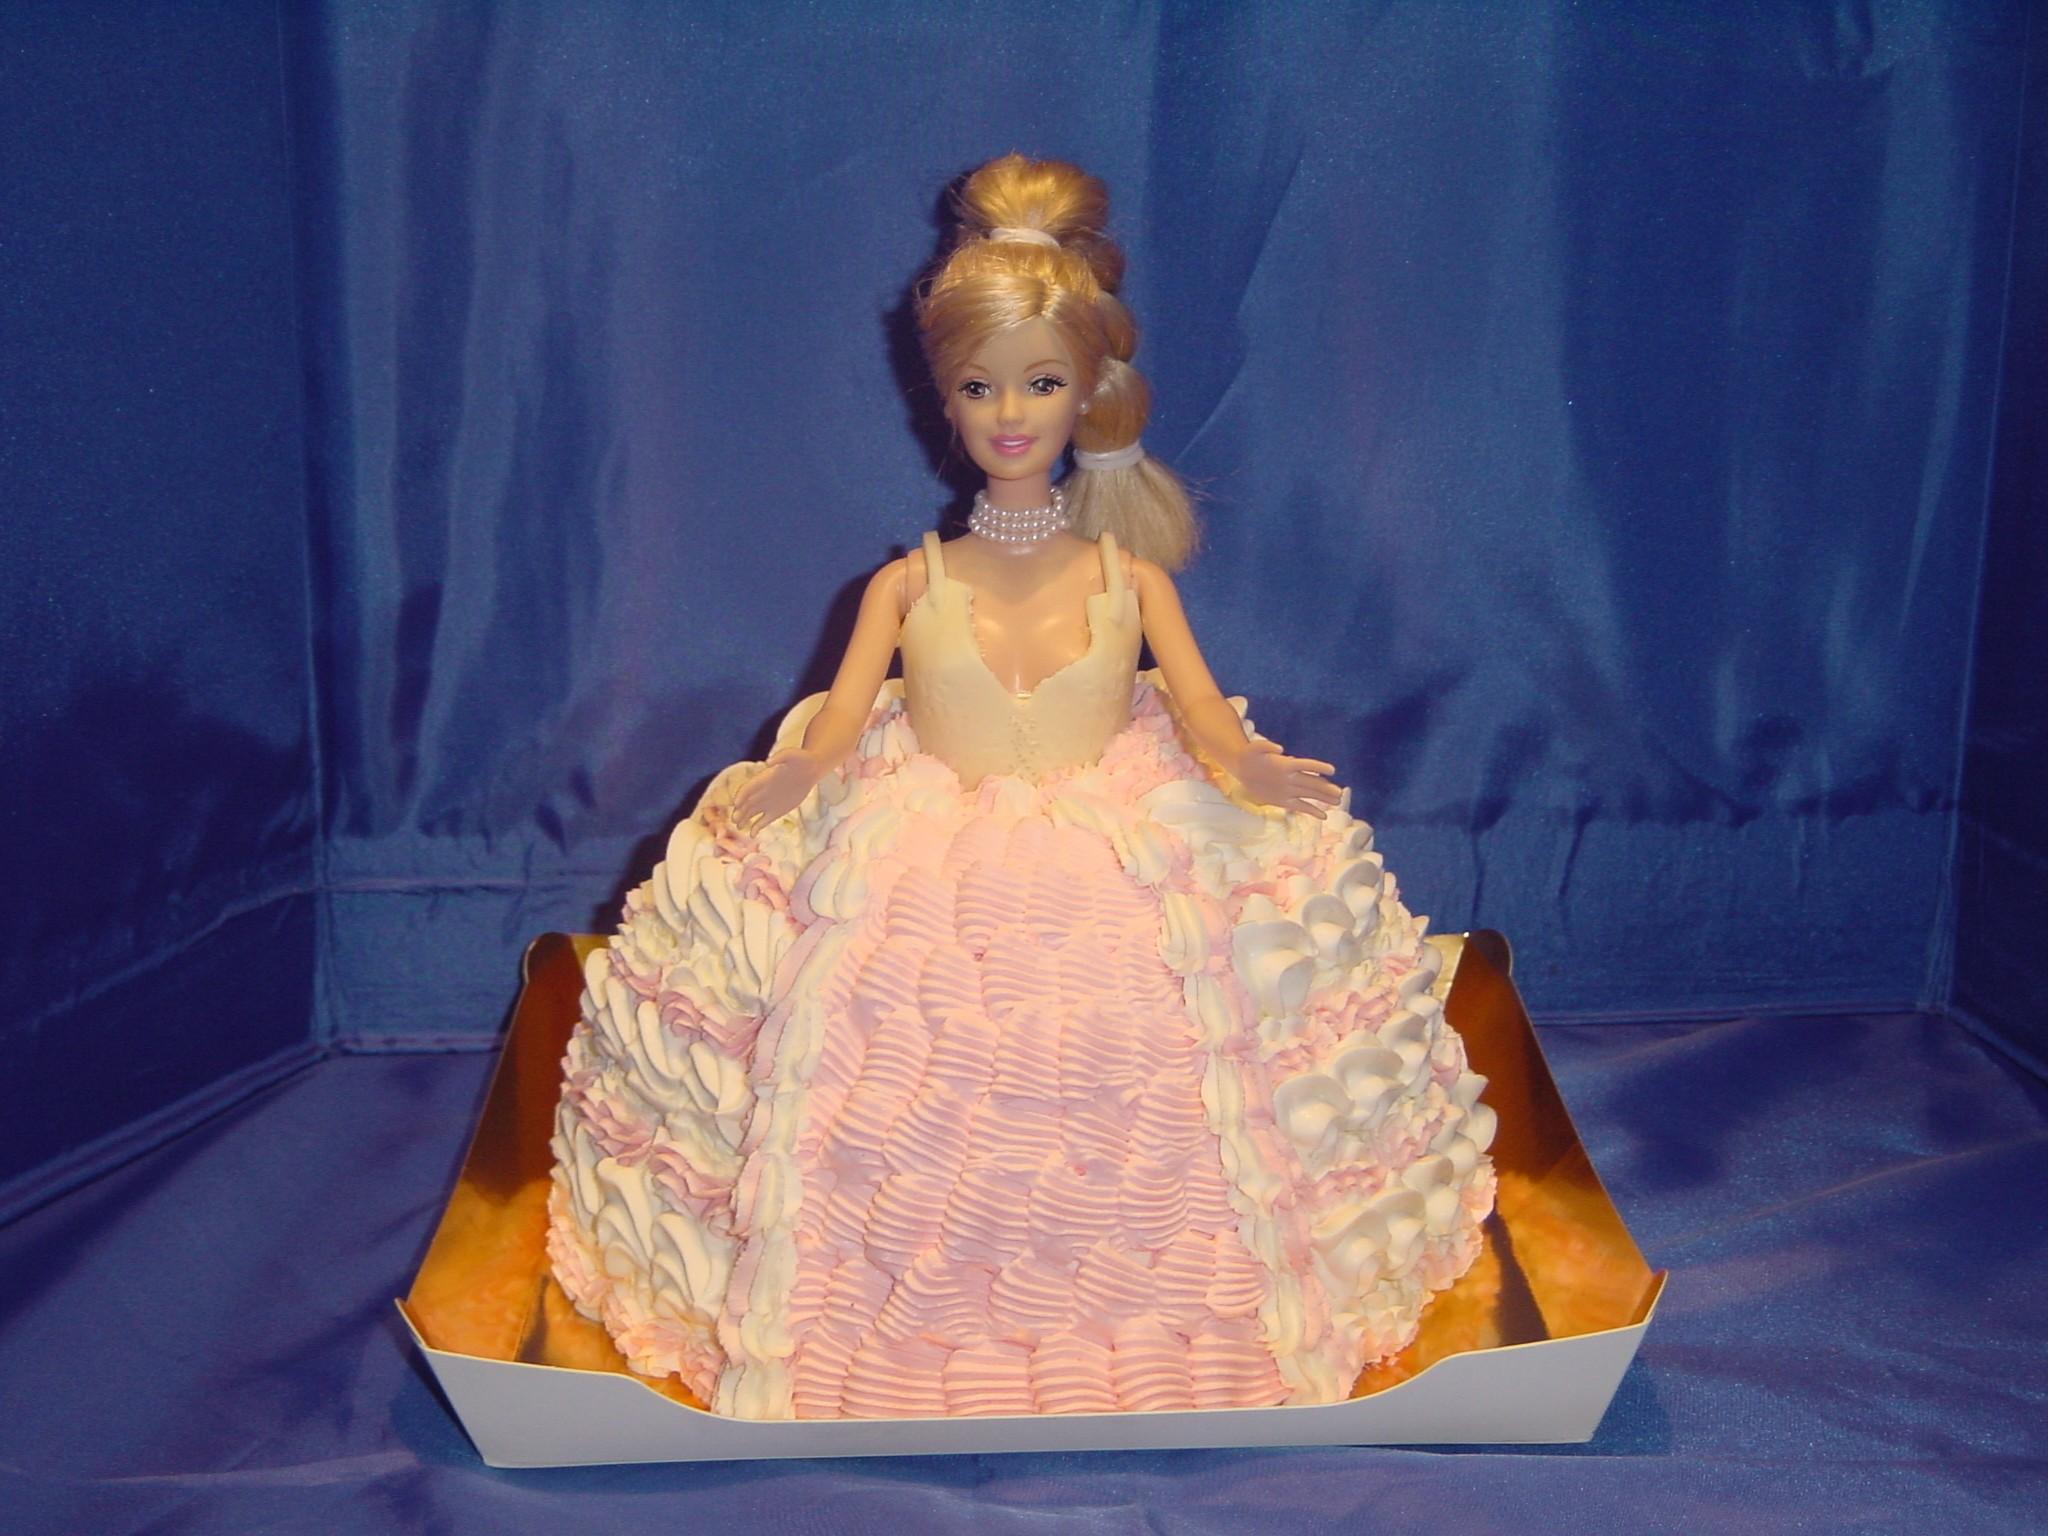 【京都市内 限定配送】【送料無料】パーティー用大型ケーキ ドールケーキ